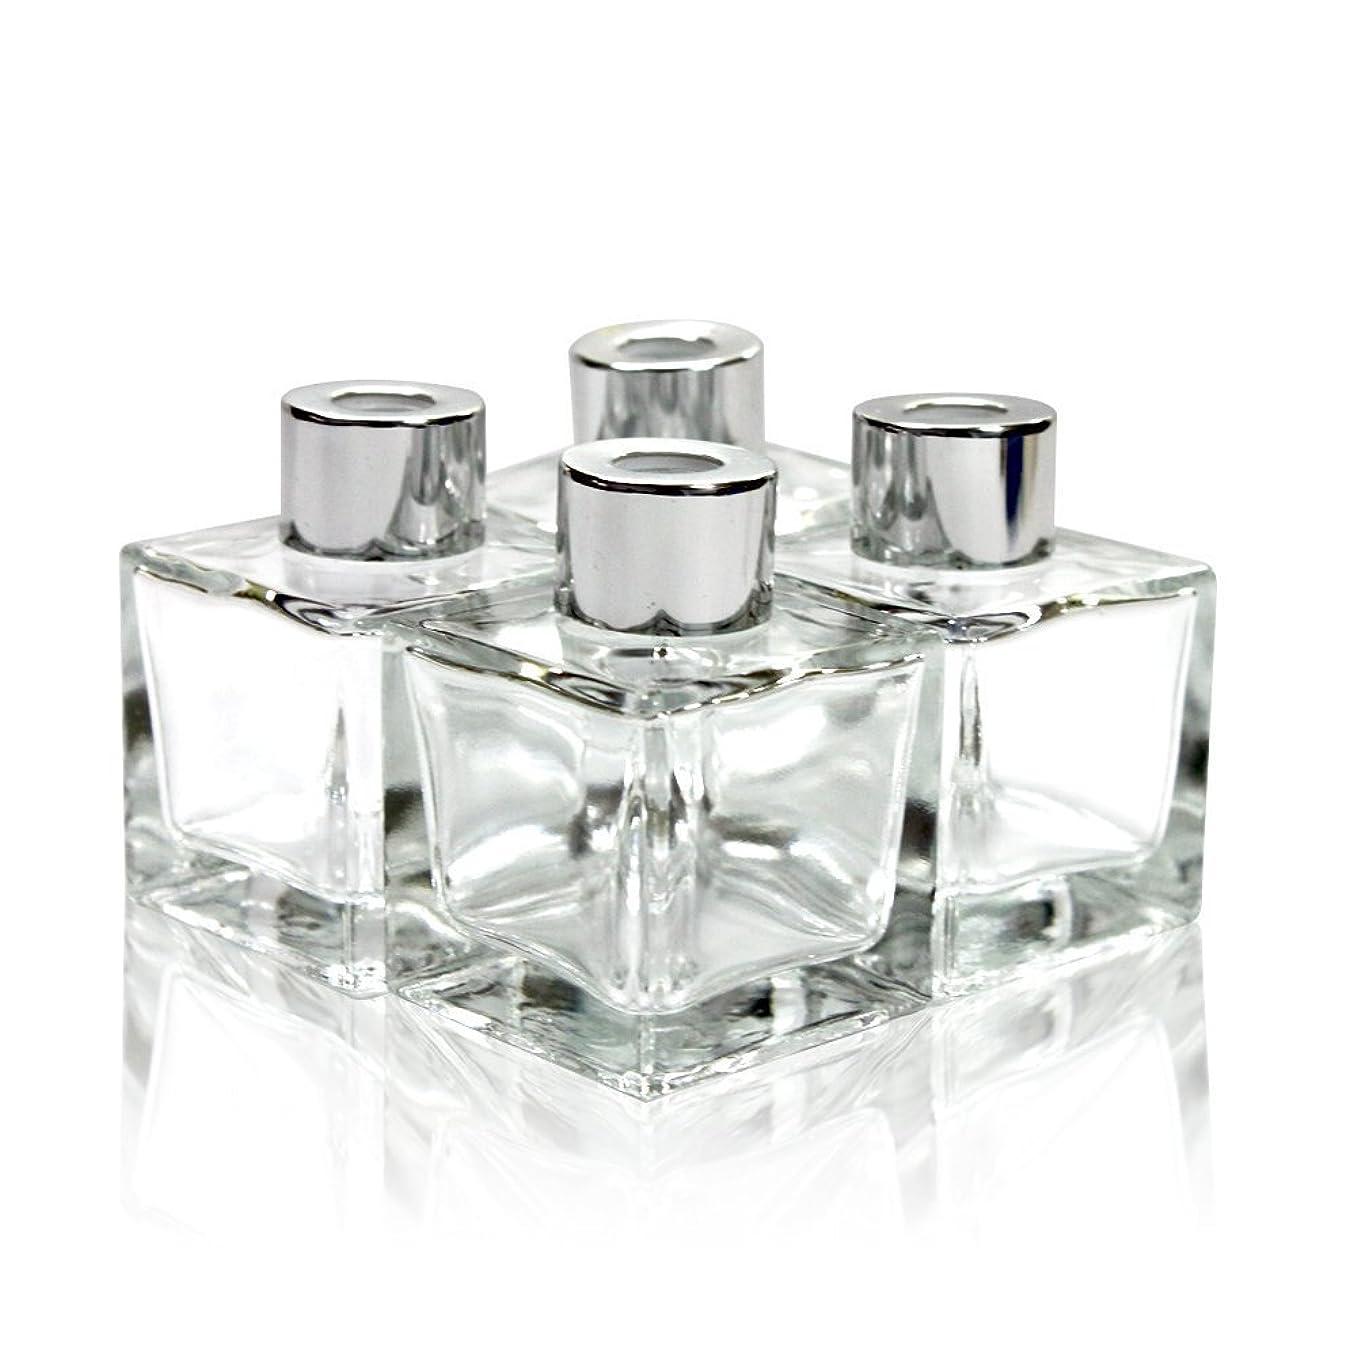 彫るデザイナーイソギンチャクFeel Fragrance リードディフューザー用 リードディフューザーボトル 容器 透明 蓋付き 4本セット50ML方形 (GB-50)